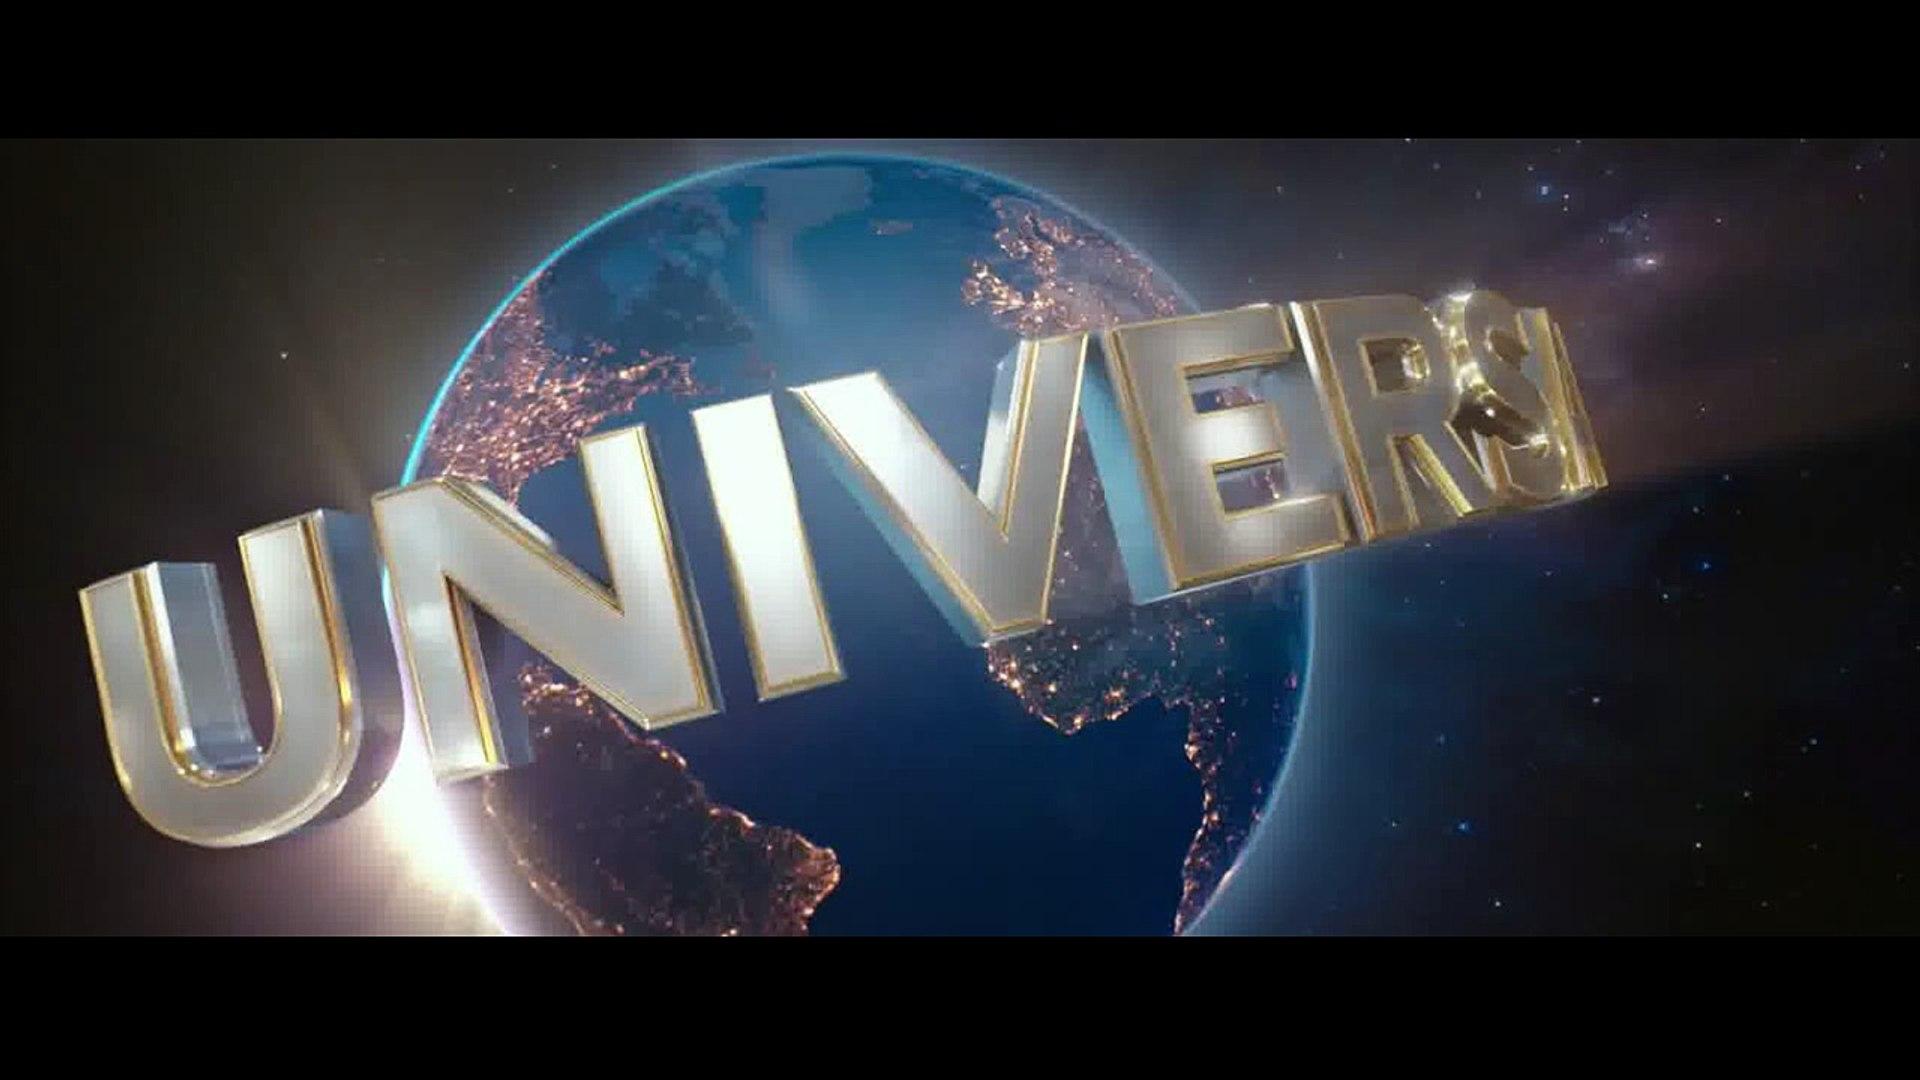 Andante - Ine no senritsu Film Complet VF 2016 En Ligne HD Partie 8/10